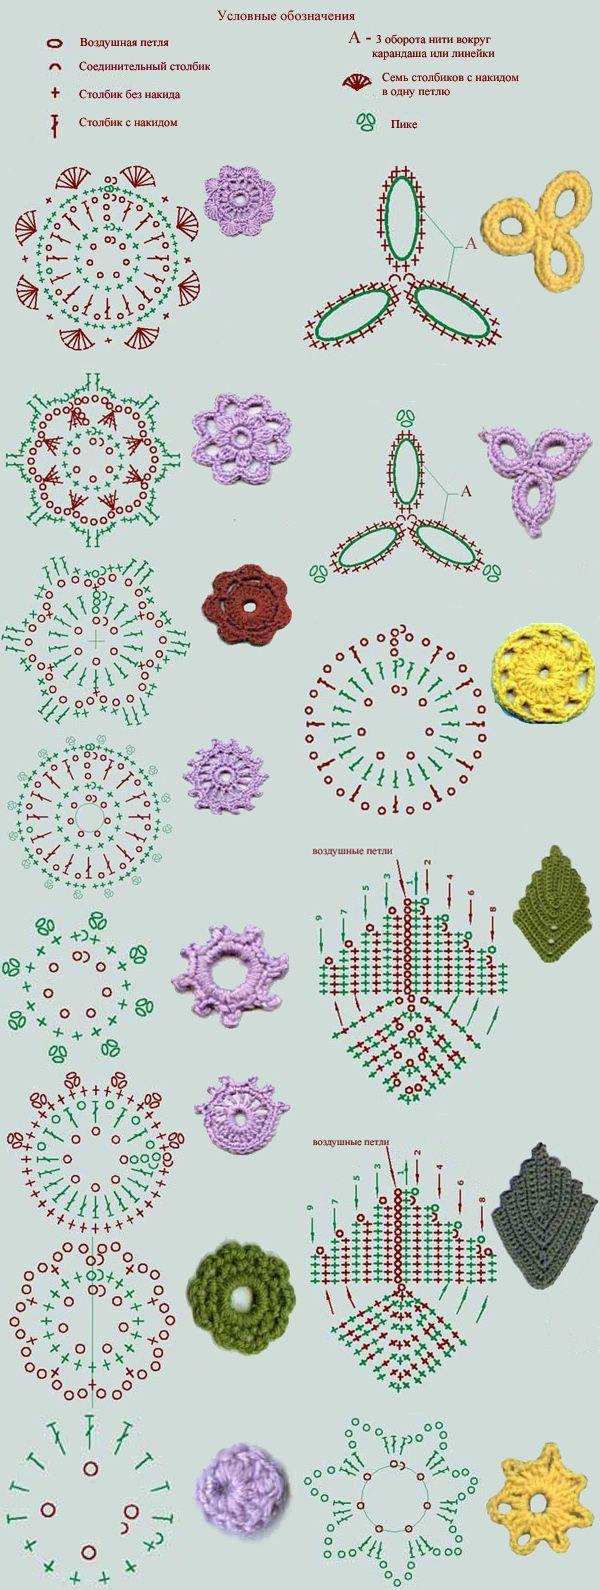 Diagramm für mehrere Häkelmotive (Bild) | Irish Crochet | Pinterest ...